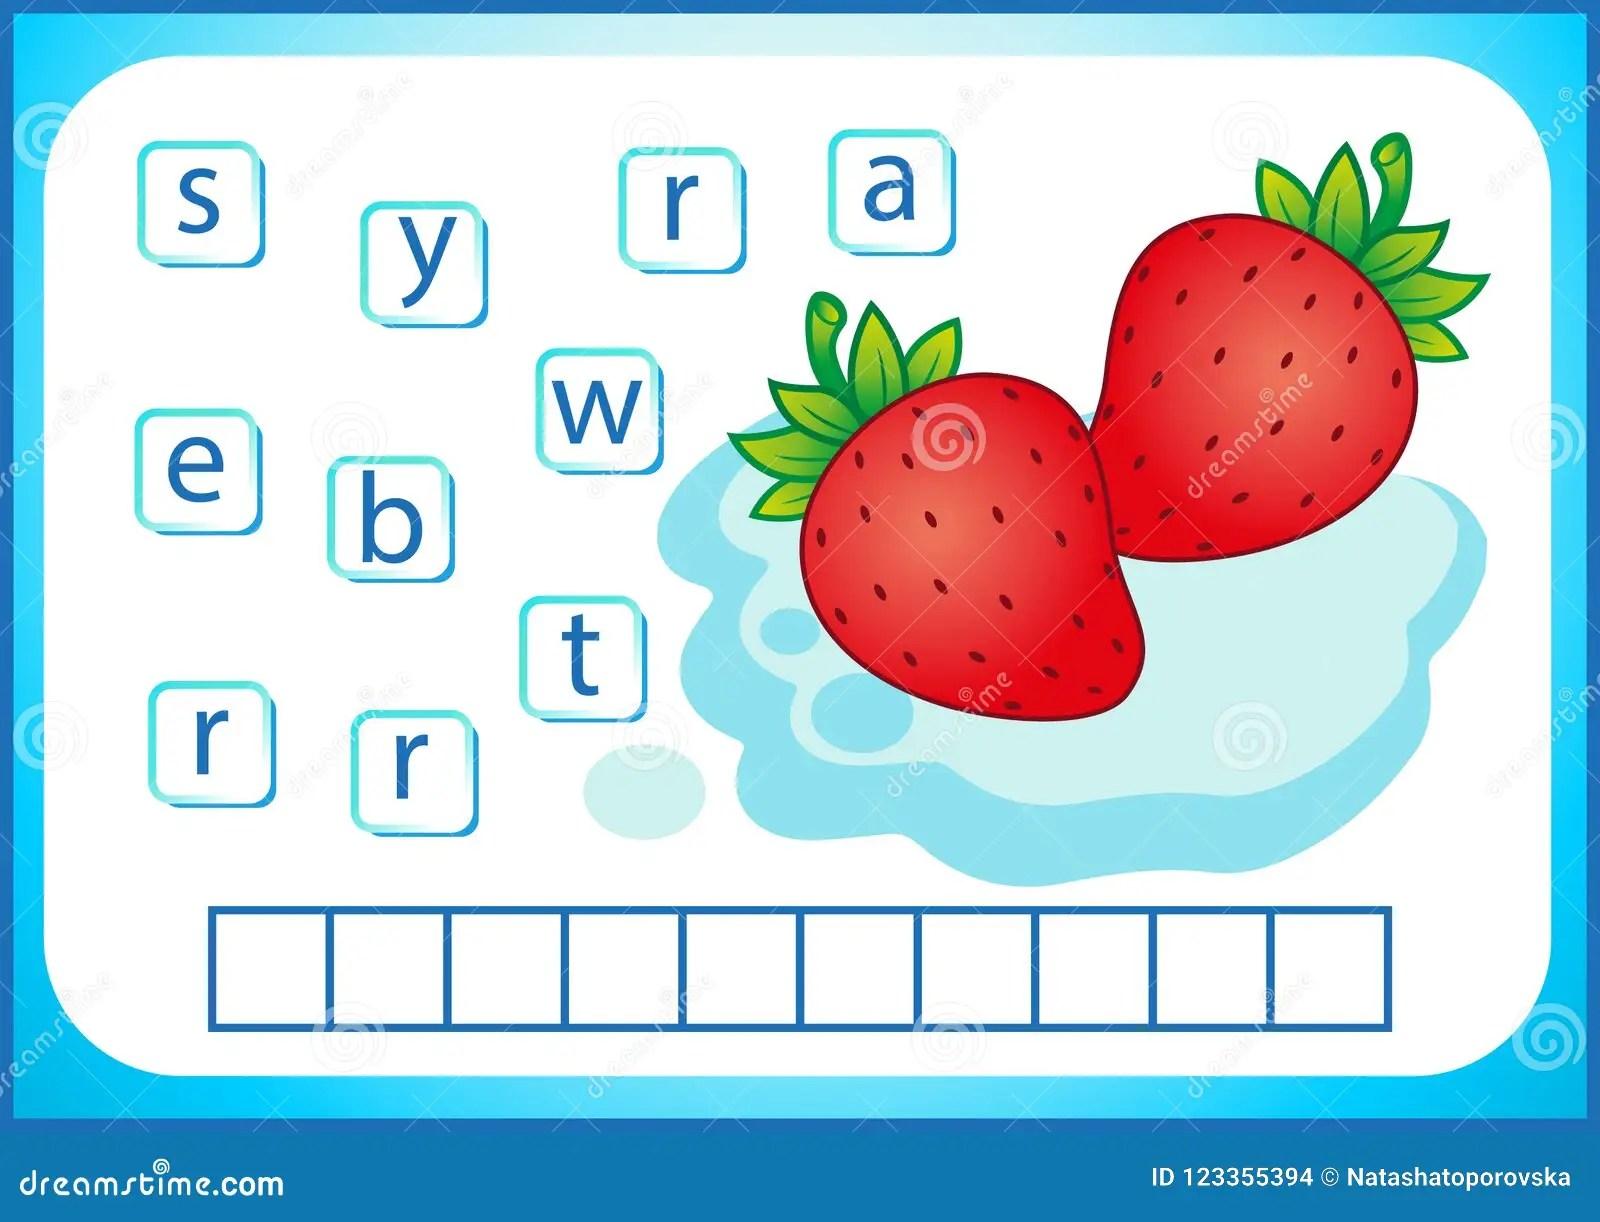 35 Nombres De Frutas En Ingles Y Espanol Con Imagen